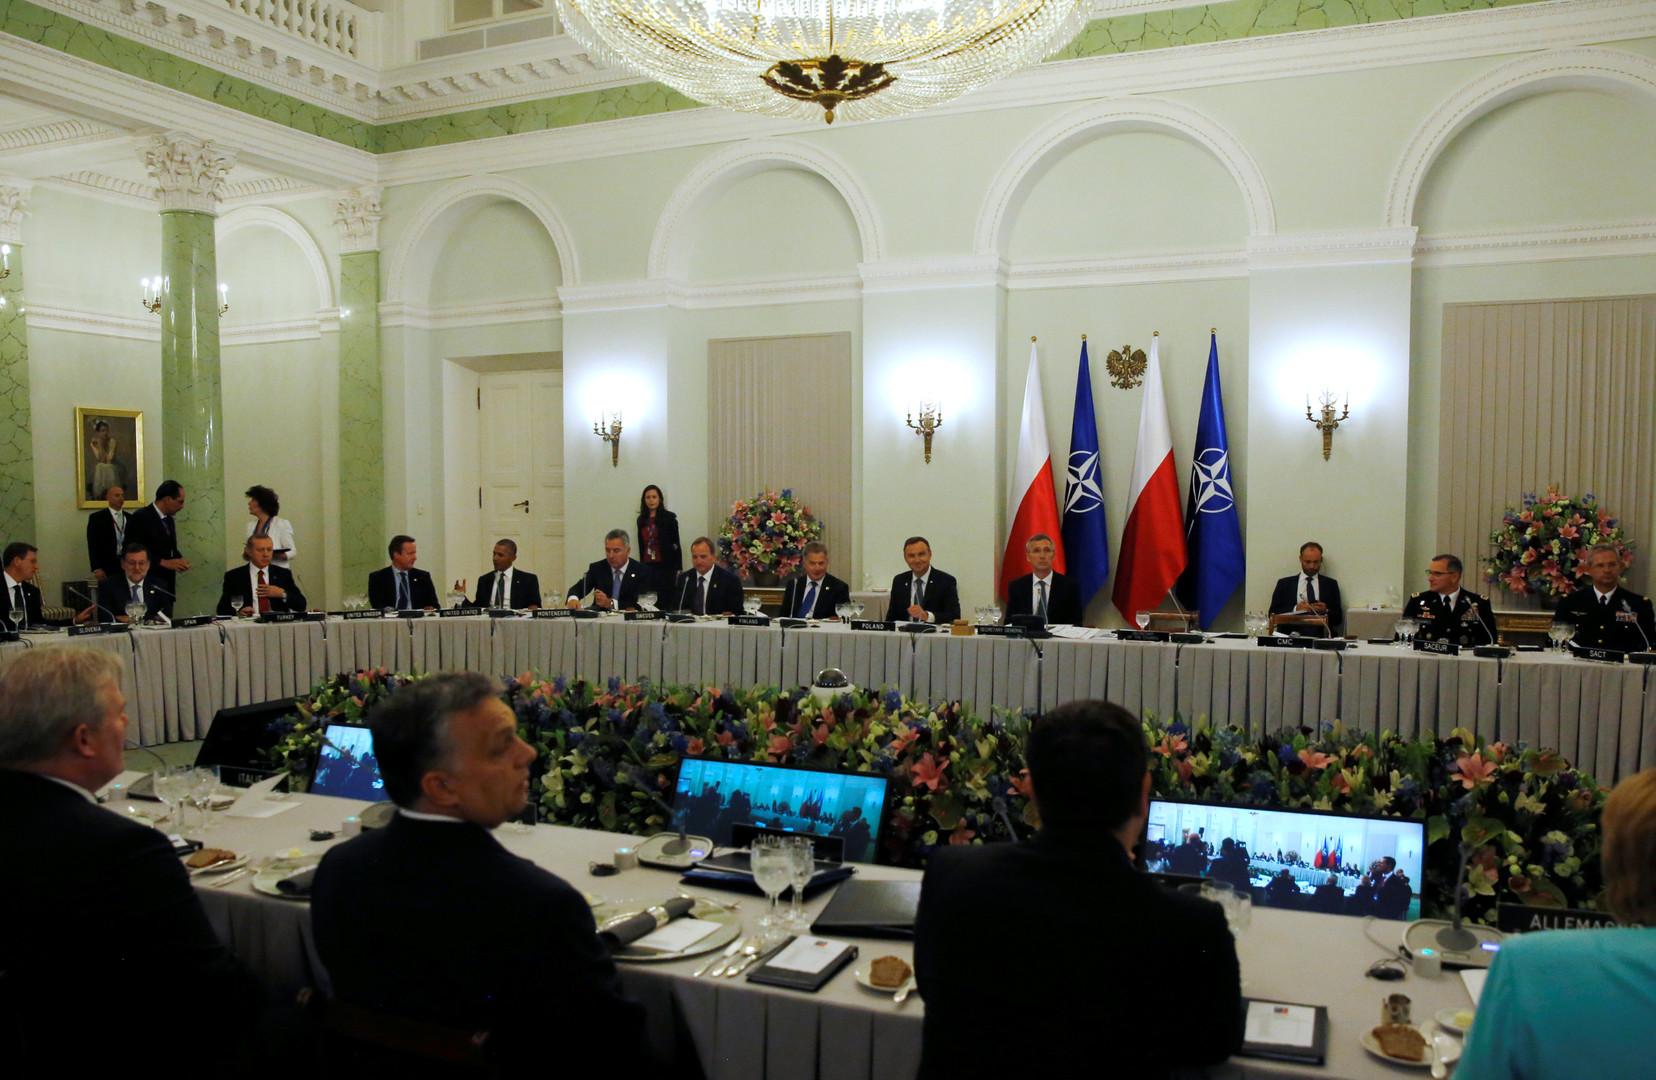 Предложение Ципраса о сотрудничестве с Россией испортило Обаме ужин